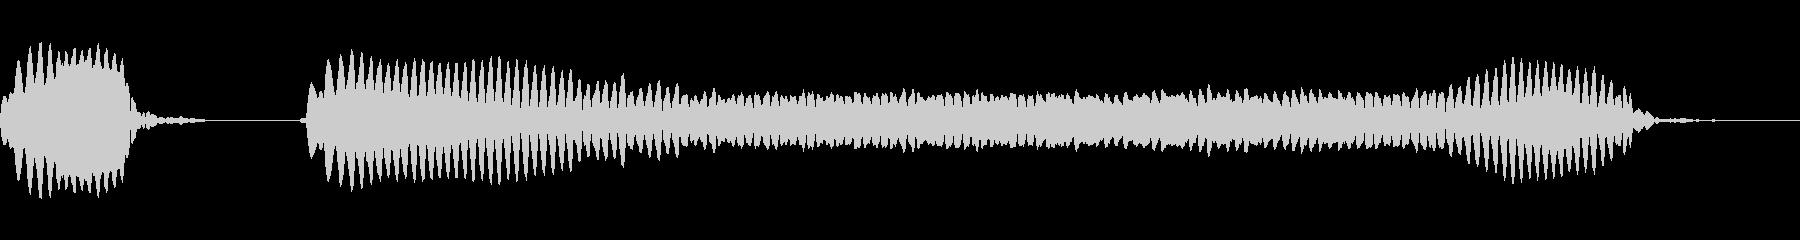 ピッピ―!◇ホイッスル、笛(速度・早め)の未再生の波形